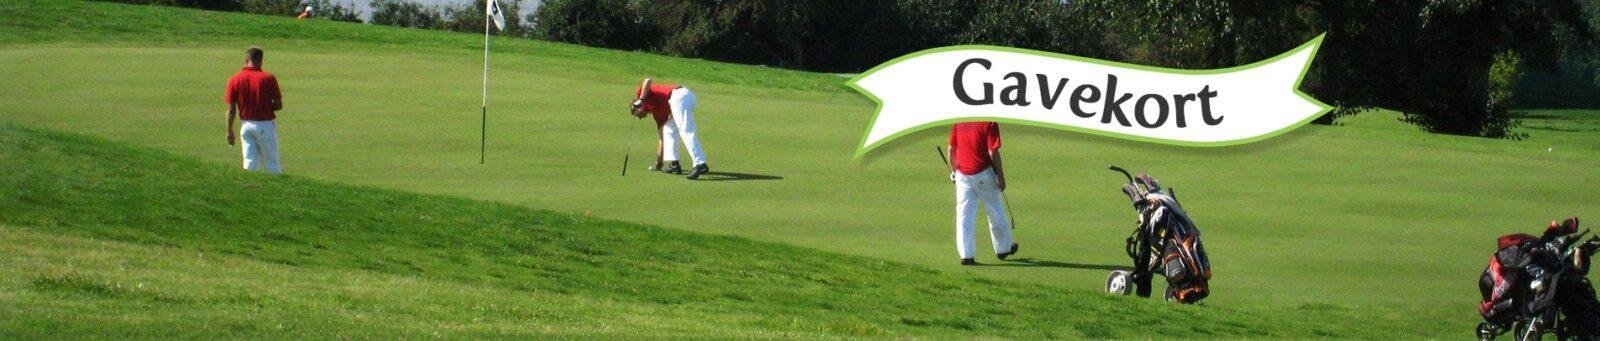 golfoggourmet bannerslideshow1